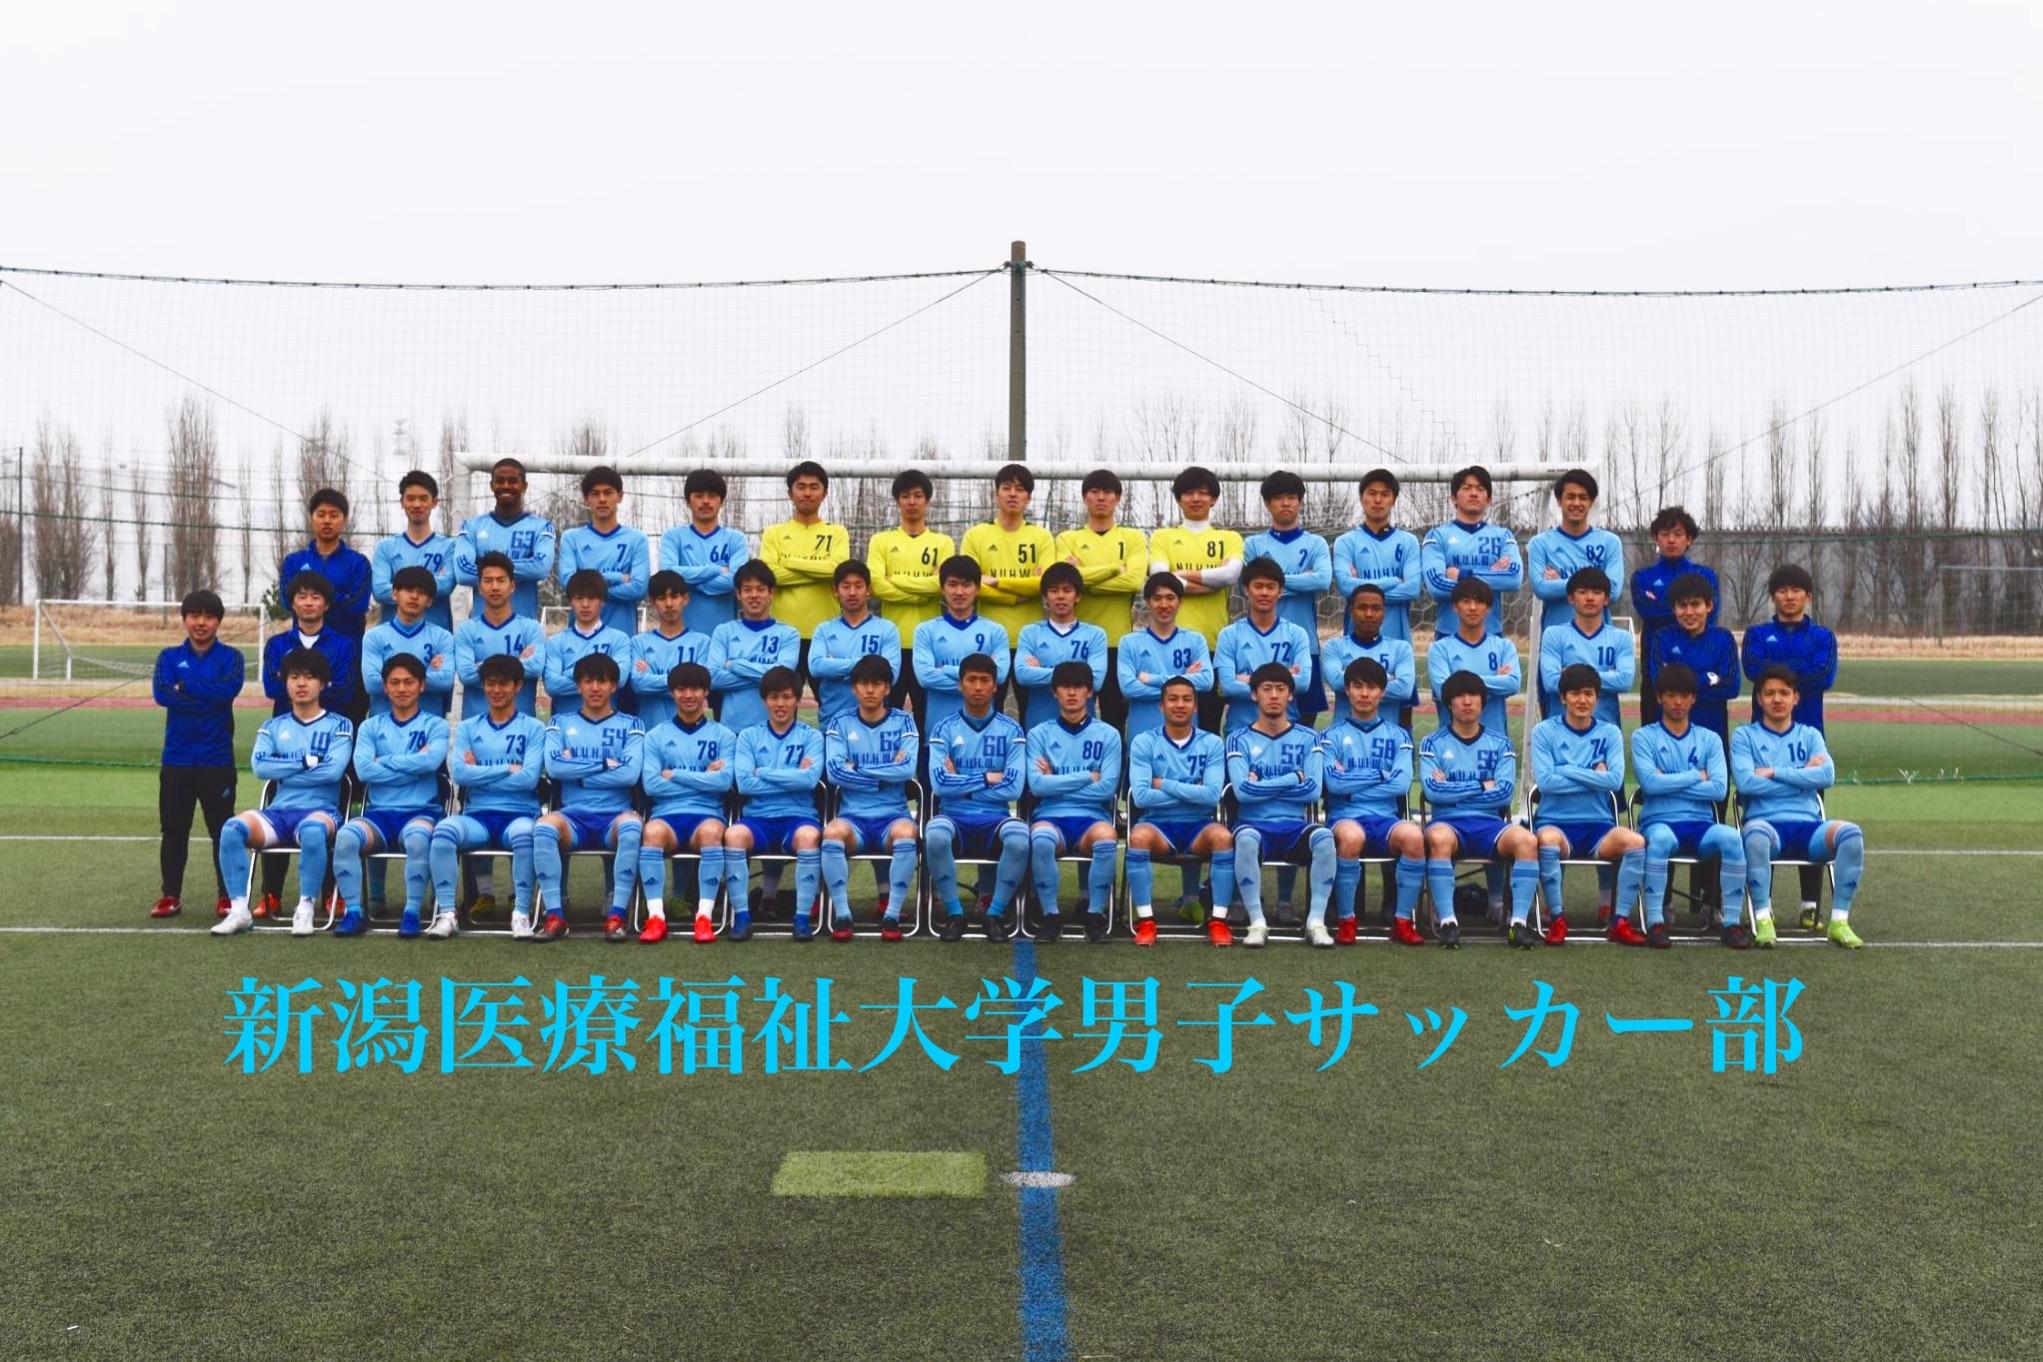 新潟 医療 福祉 大学 サッカー 部